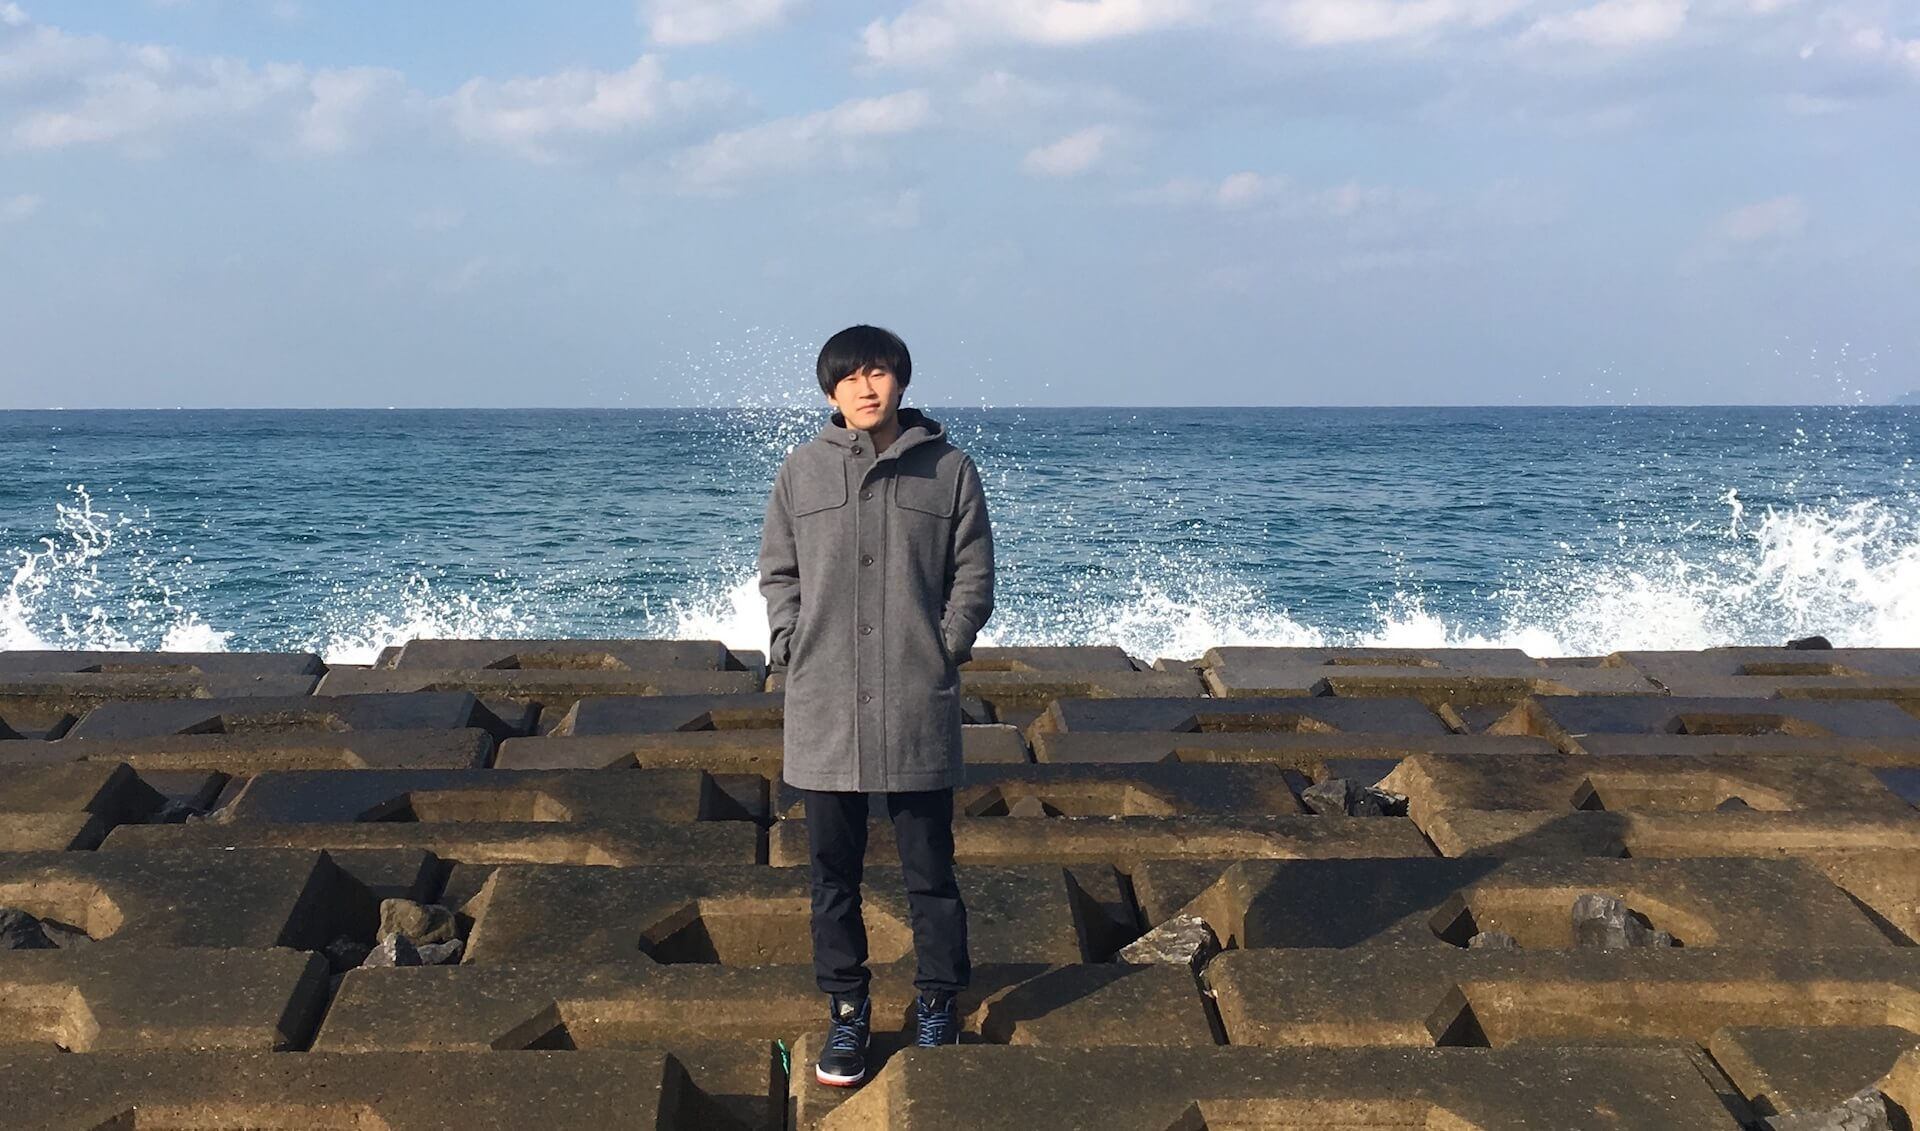 神秘的な石切場での野外フェス<岩壁音楽祭>が今年も開催!第1弾アーティストにSeiho、Mars89、Kotsuらが決定 music200117_ganpeki_4